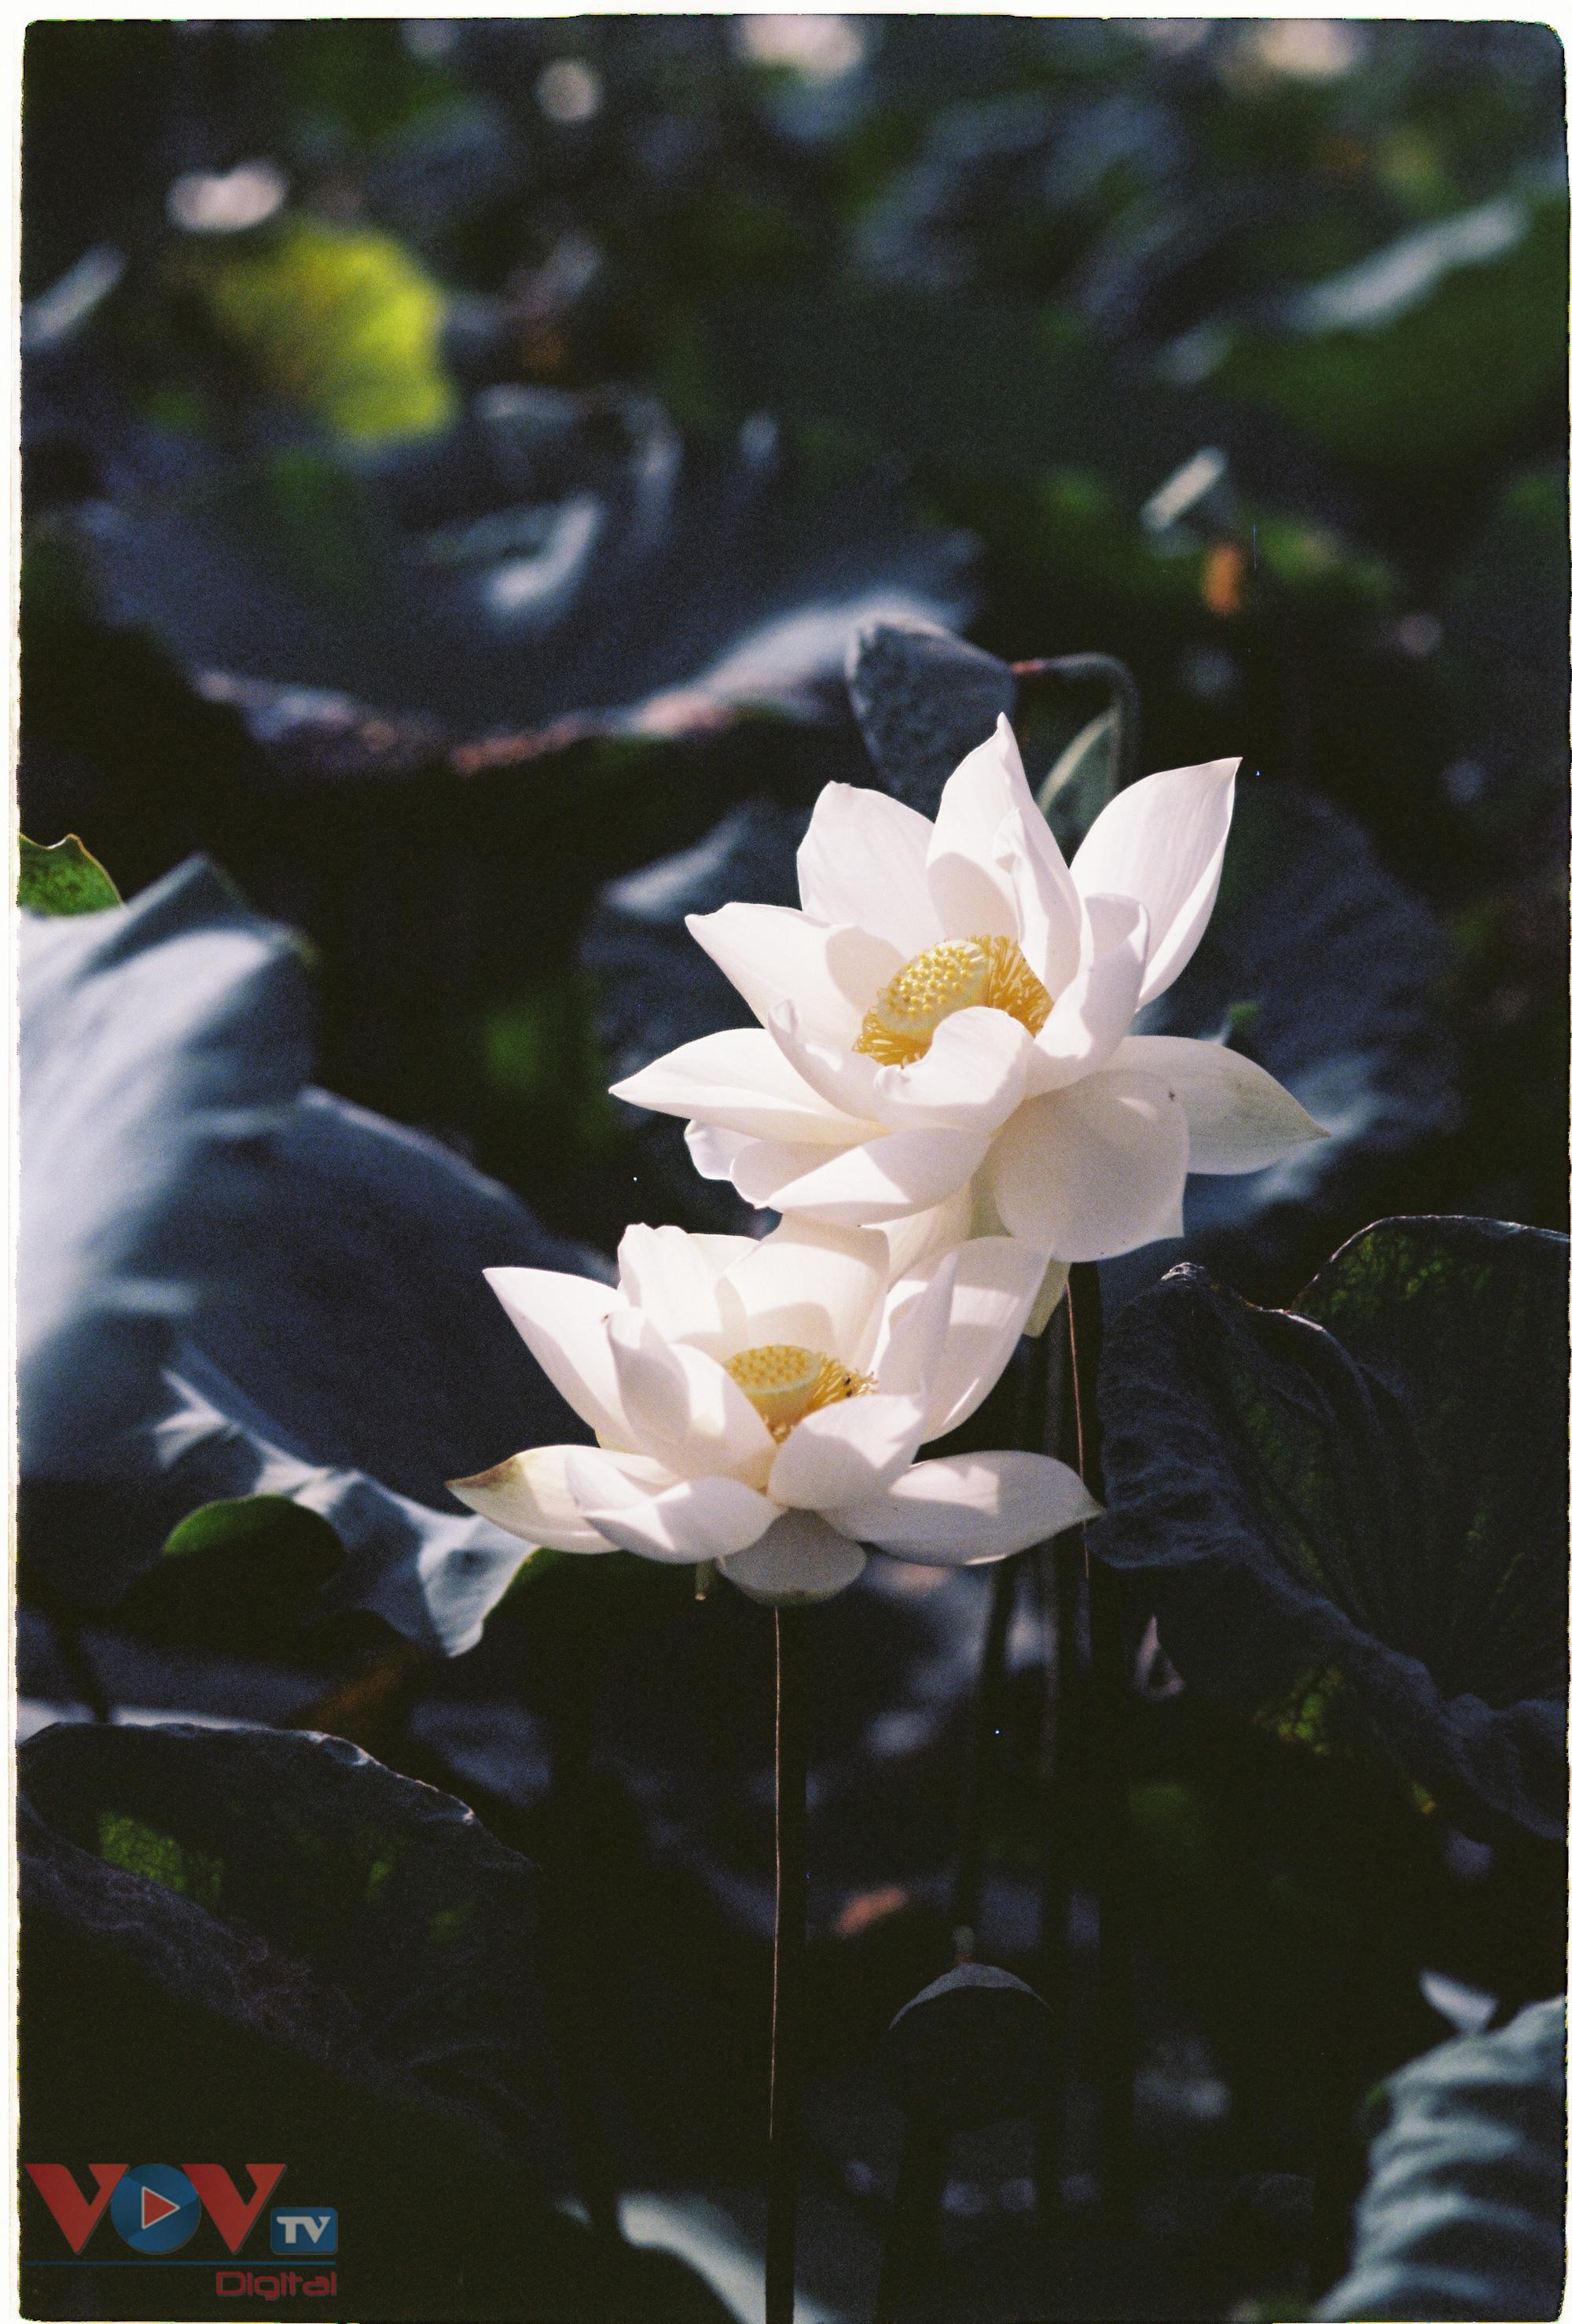 Tinh khôi mùa bạch liên hoa - Ảnh 2.